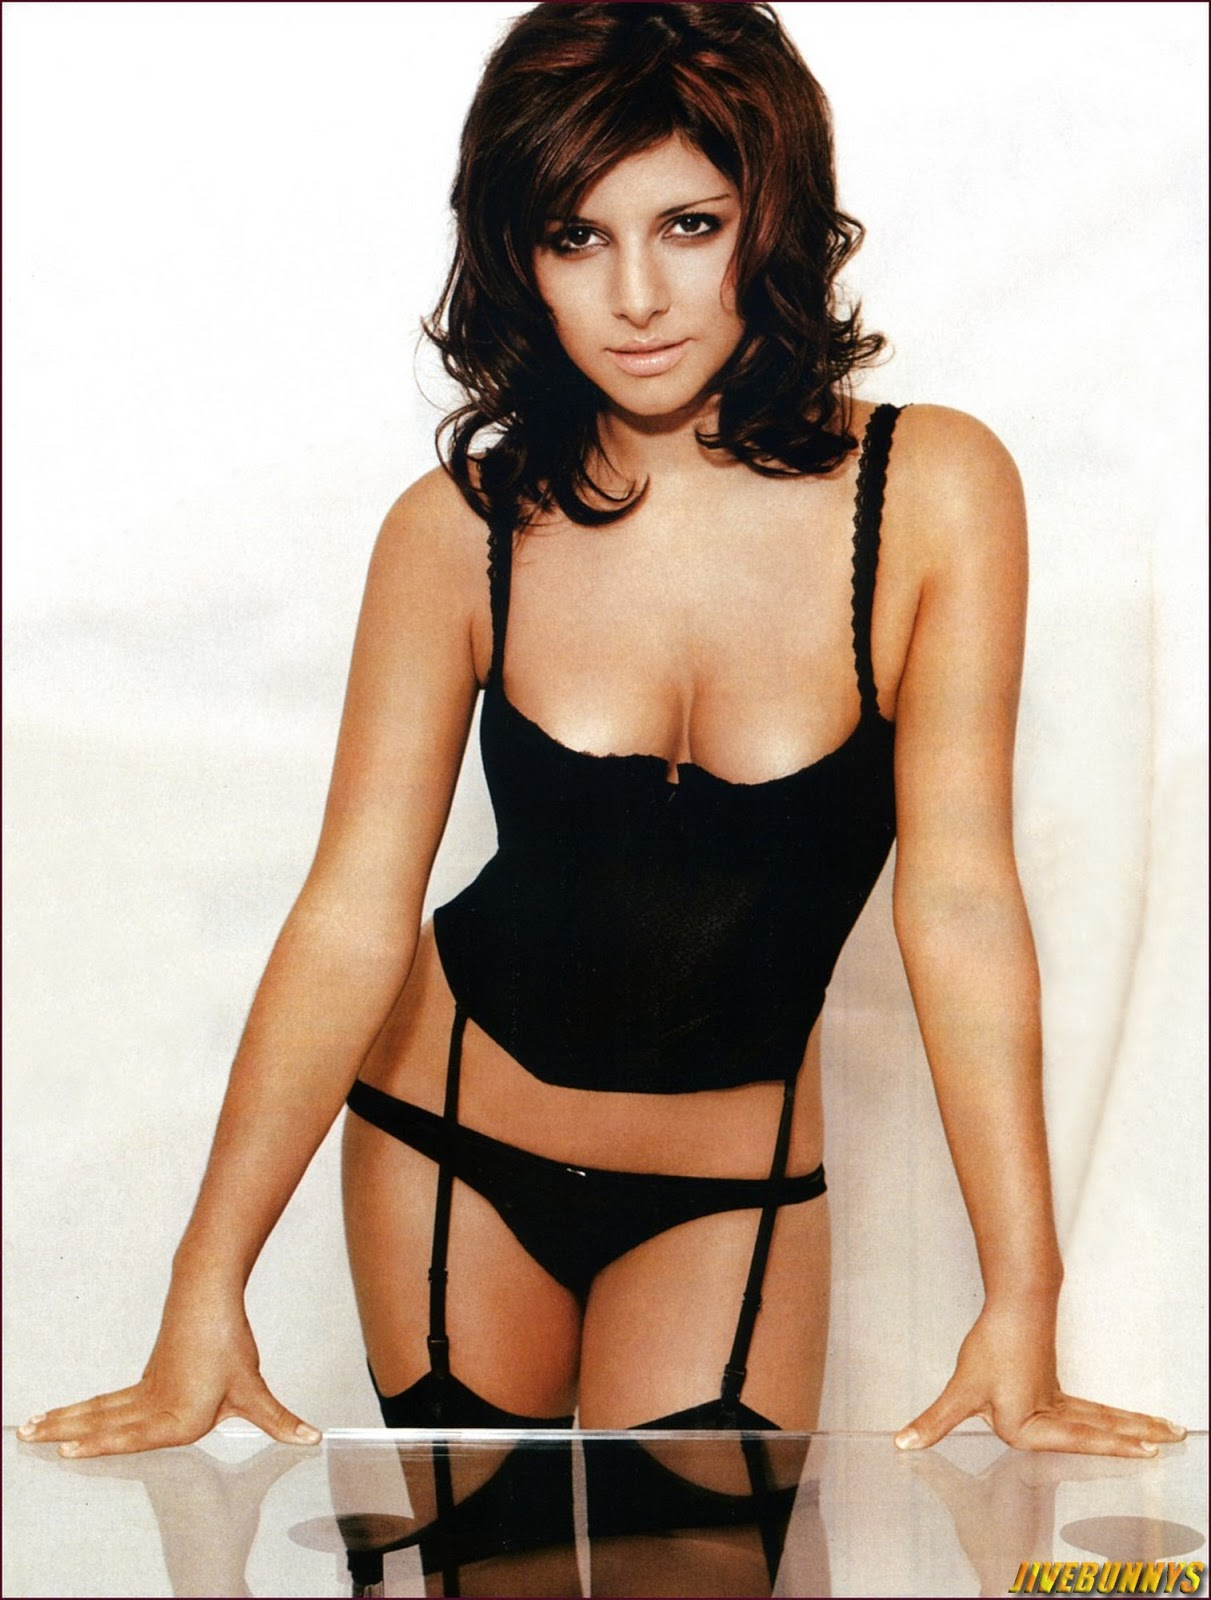 Roxanne pallett sexy emmerdale